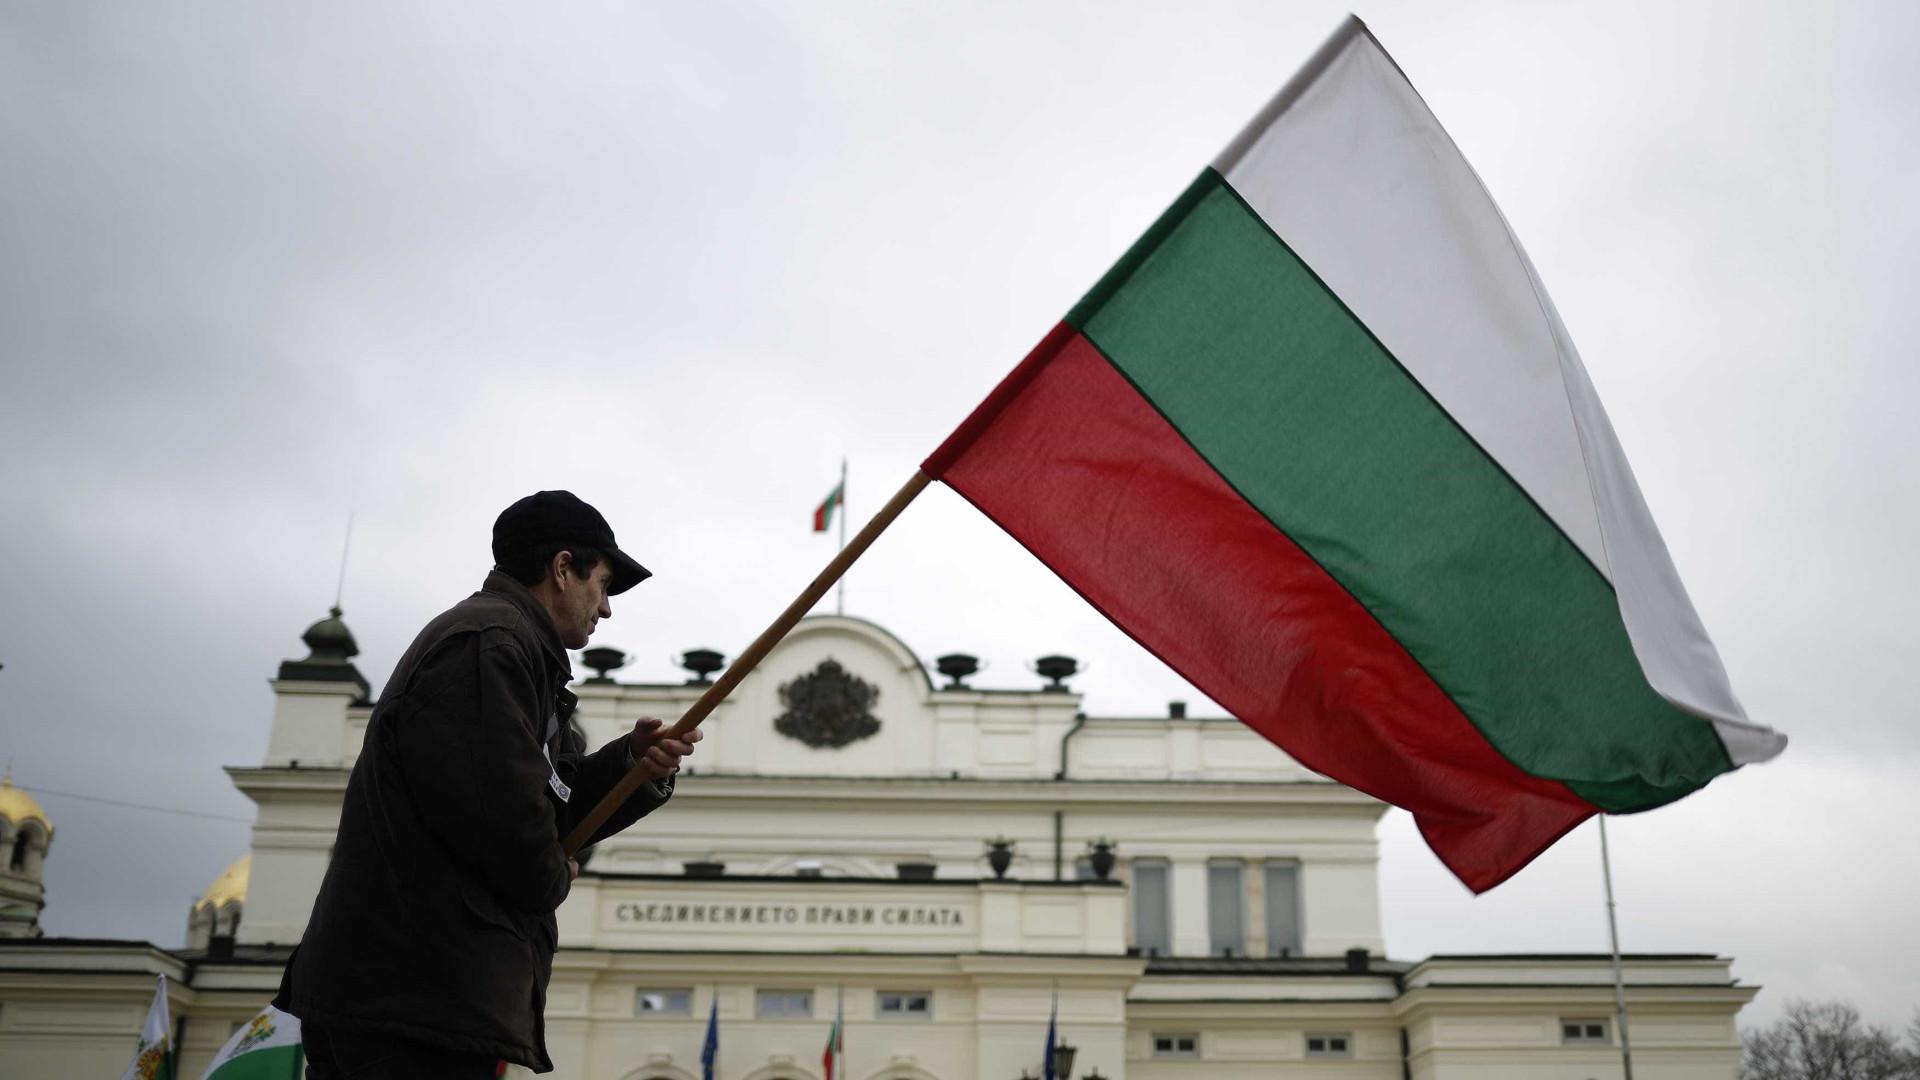 Bulgária detém cinco cidadãos alemães suspeitos de terrorismo